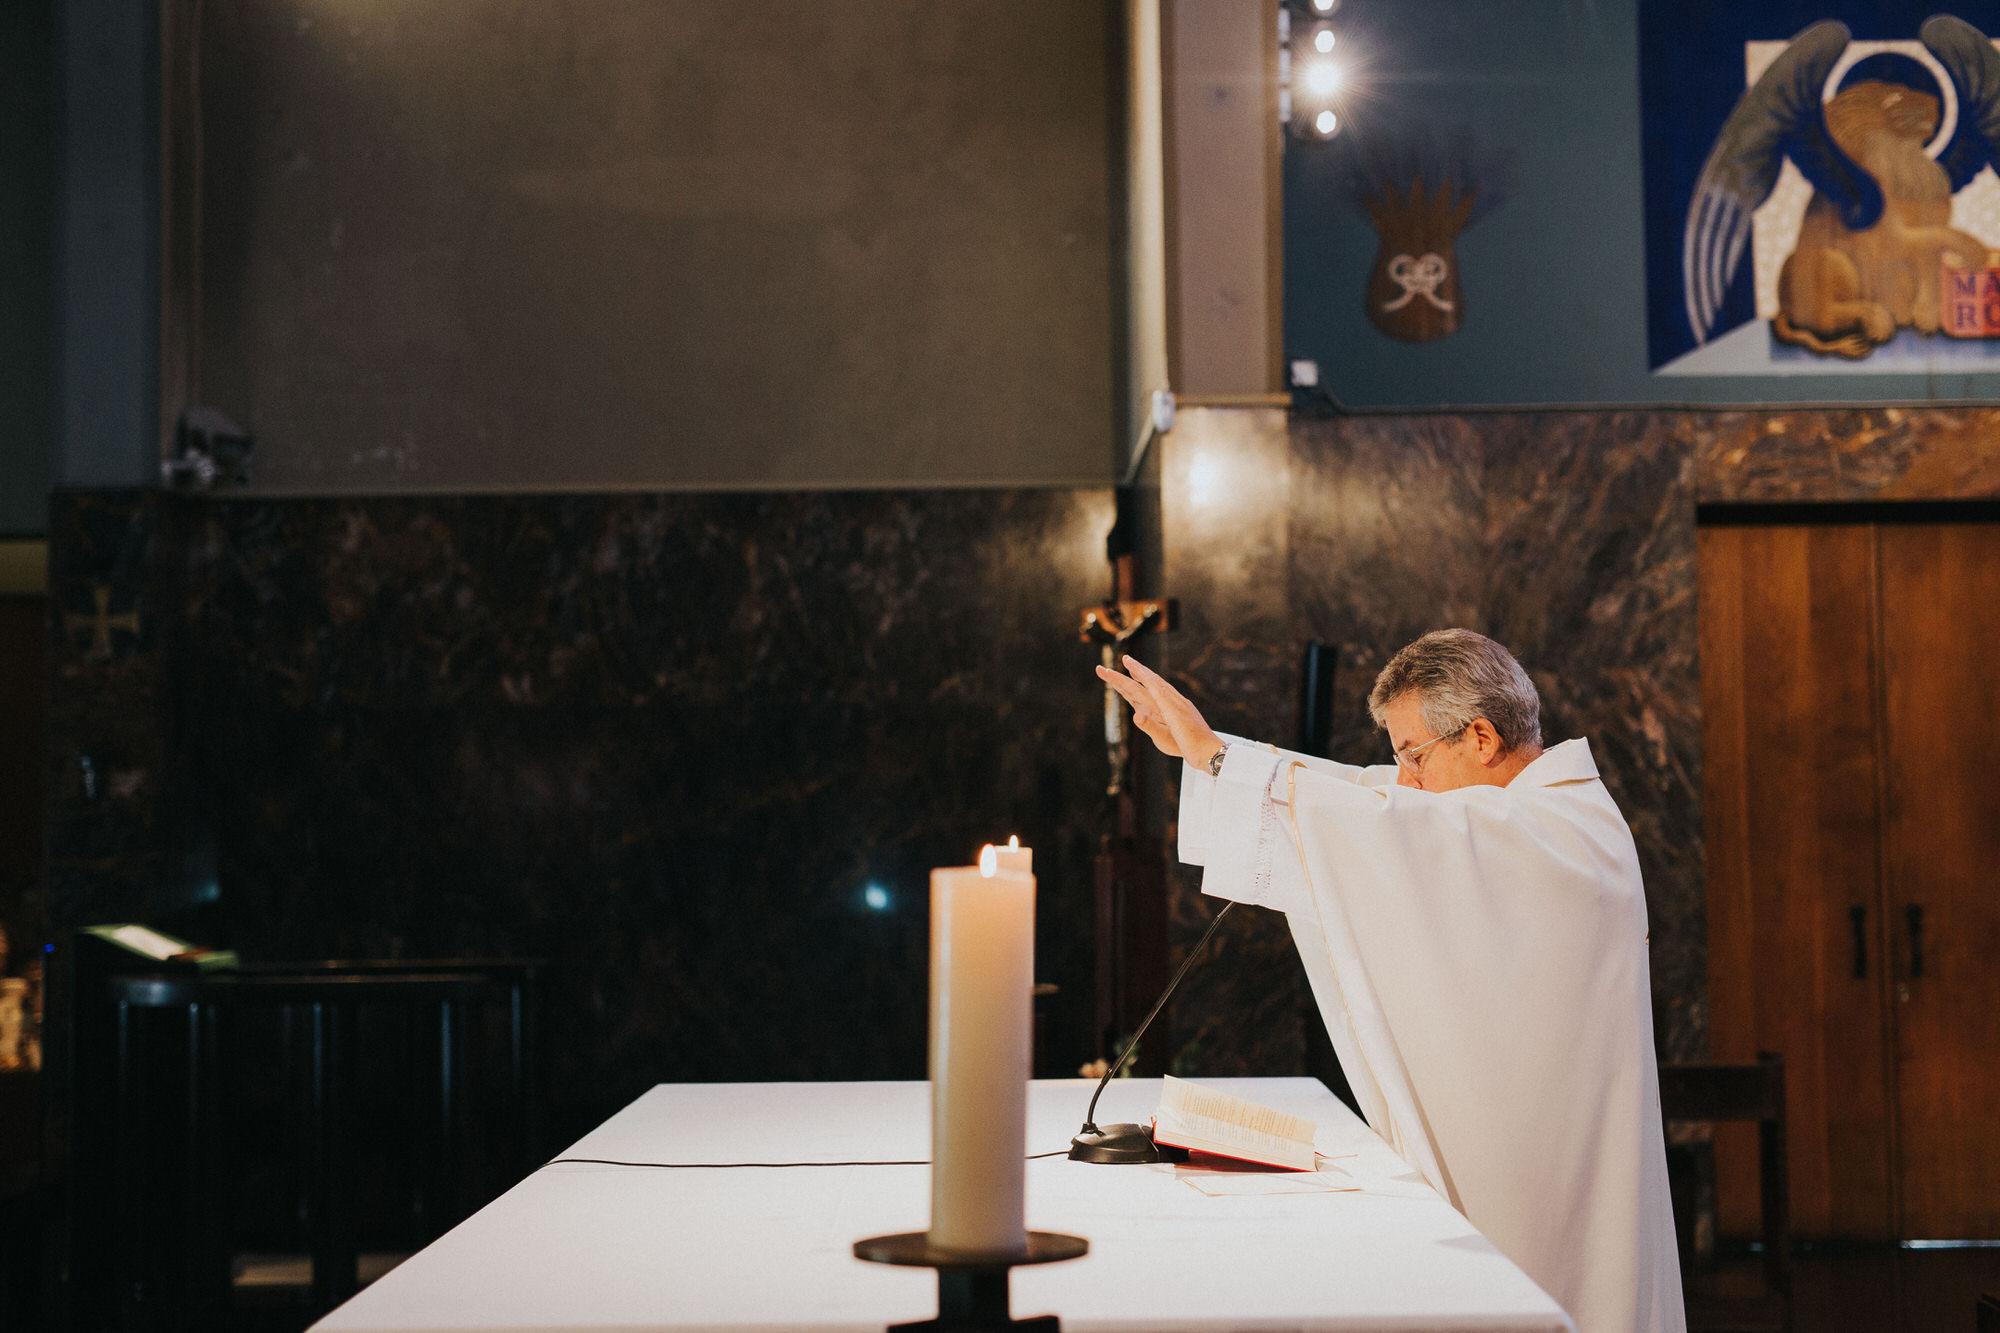 Filipe Santiago Fotografia-fotografo-malveira-lisboa-cascais-mafra-melhores-reportagem-wedding-photography-portugal-lisbon-best-natural-casamentos-lifestyle-bride-ideias-rustic-boho-hair-mackup-damas-preparativos-preparations-bridemaids-dress-shoes-bouquet-trends-church-cerimony-padre-missa